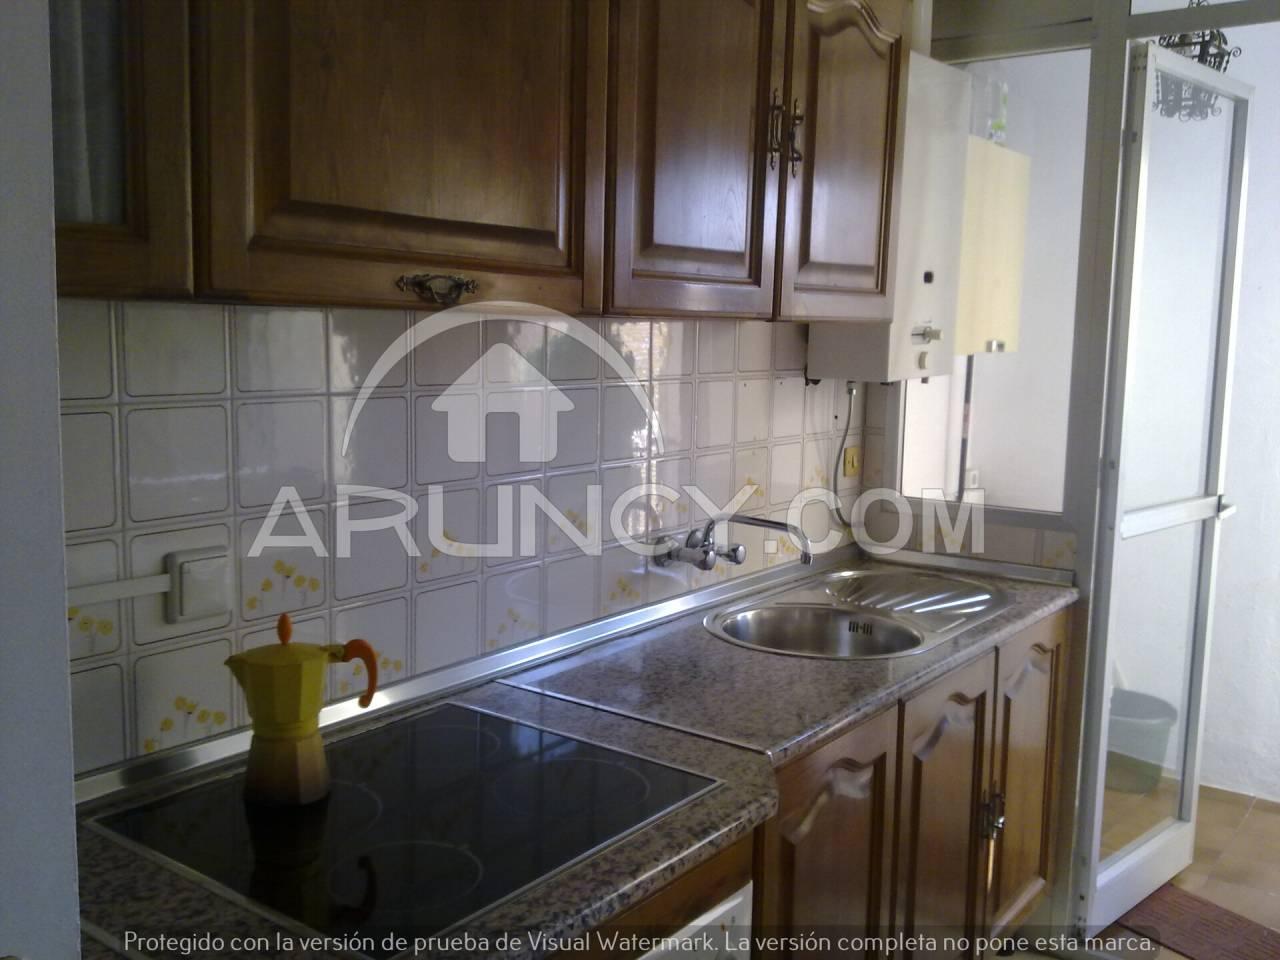 Piso en alquiler con 95 m2, 3 dormitorios  en Alcalá de Guadaíra, PLAZ